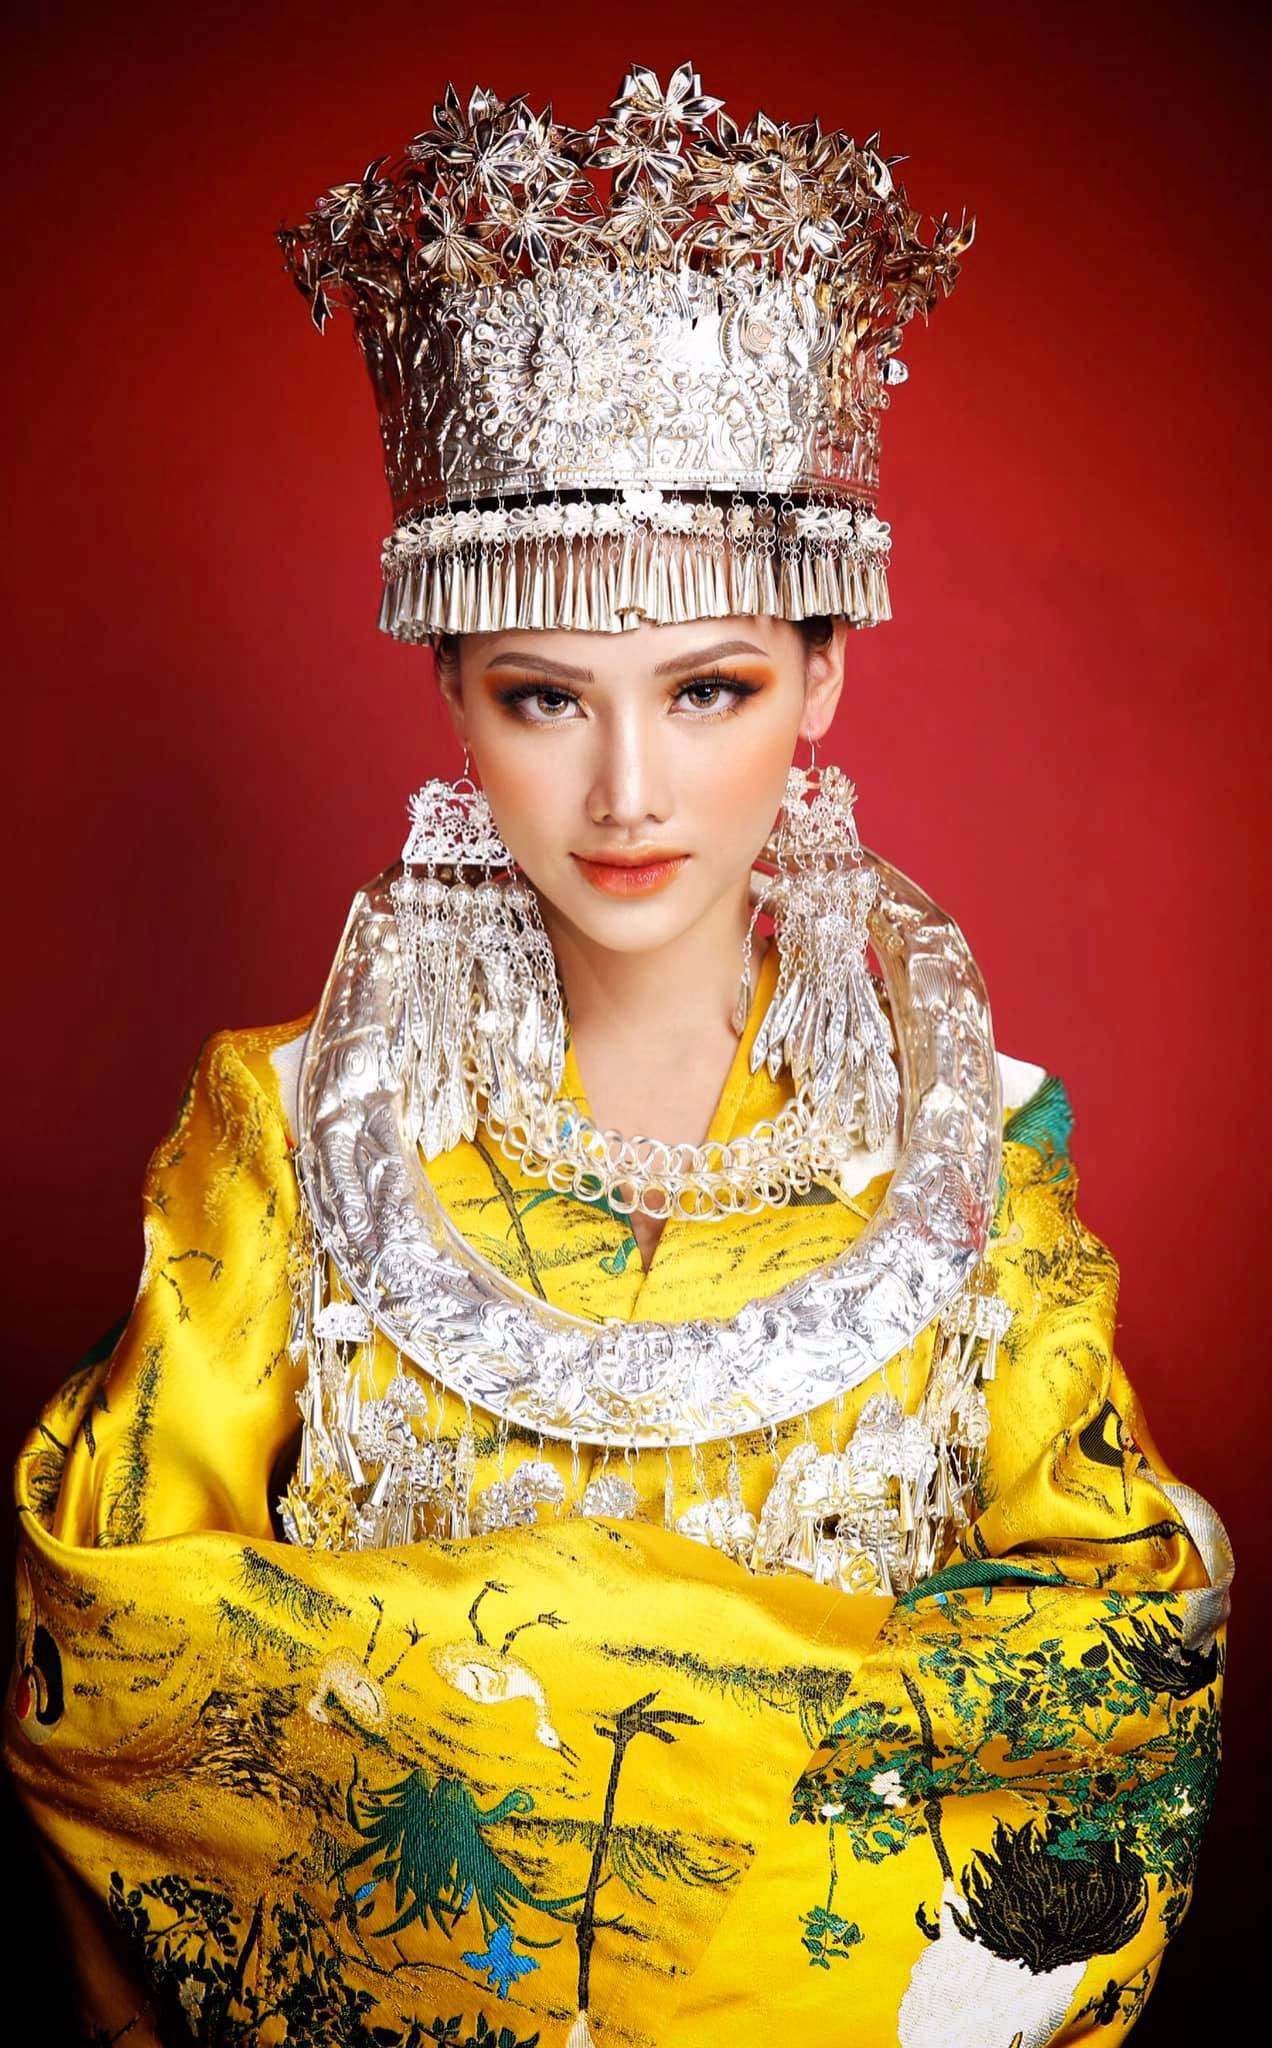 Ceisa Vu - Hot girl 2k sở hữu thương hiệu hoa có tiếng Sài thành từ tuổi 19 - Ảnh 1.